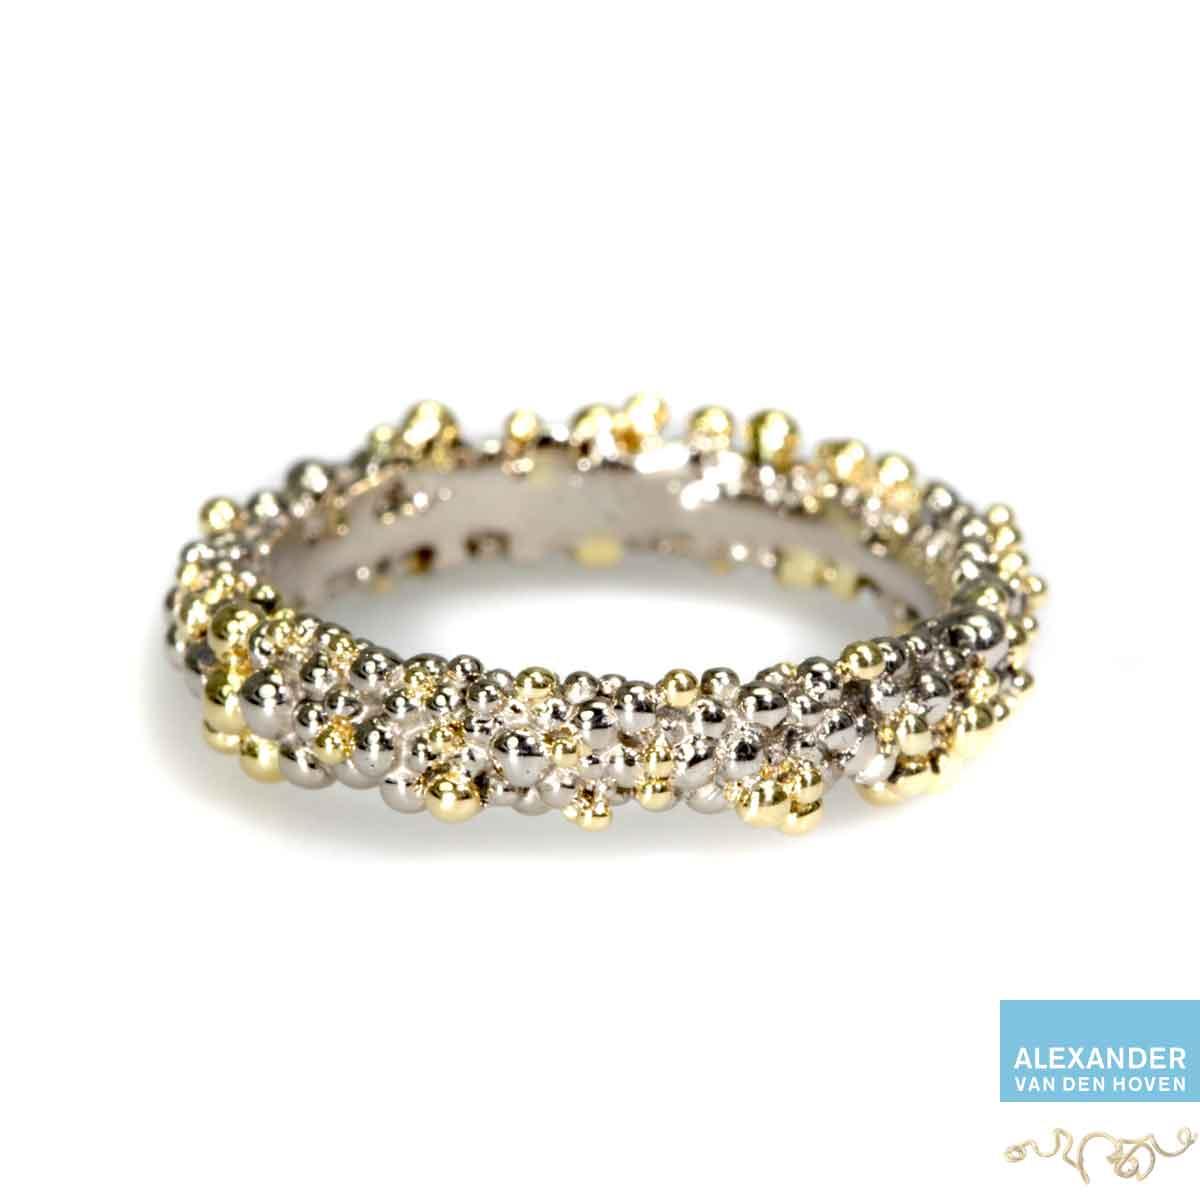 bolletjes-ring-witgoud-geelgoud-nuggets-granules